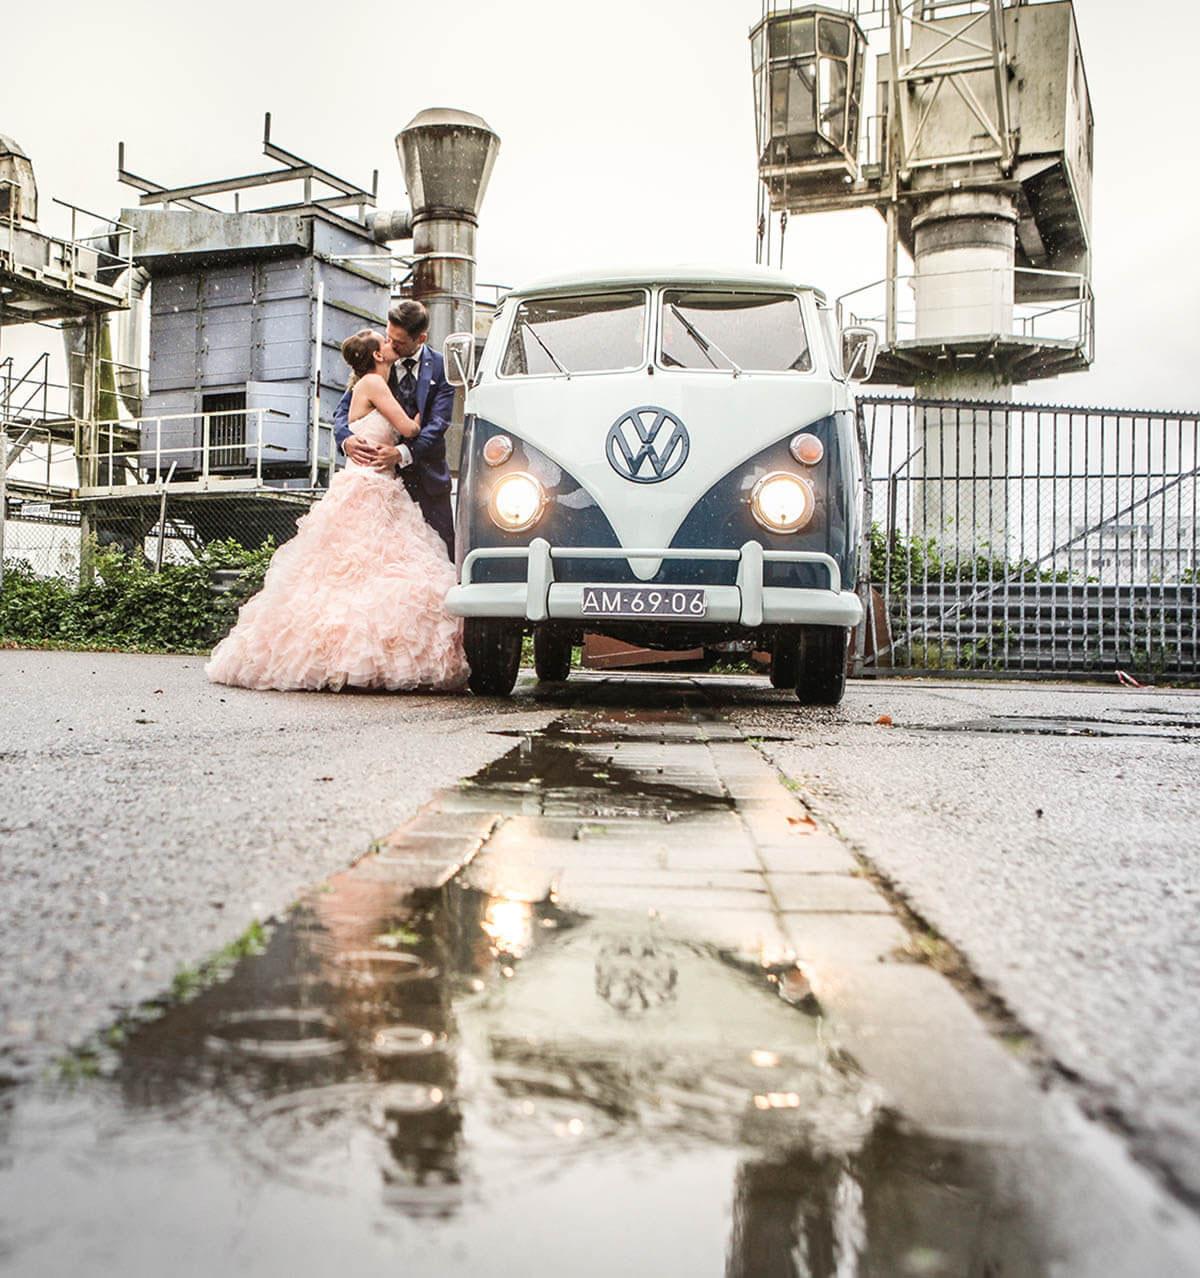 Trouwfoto op tramkade in Den Bosch met Volkswagen bus